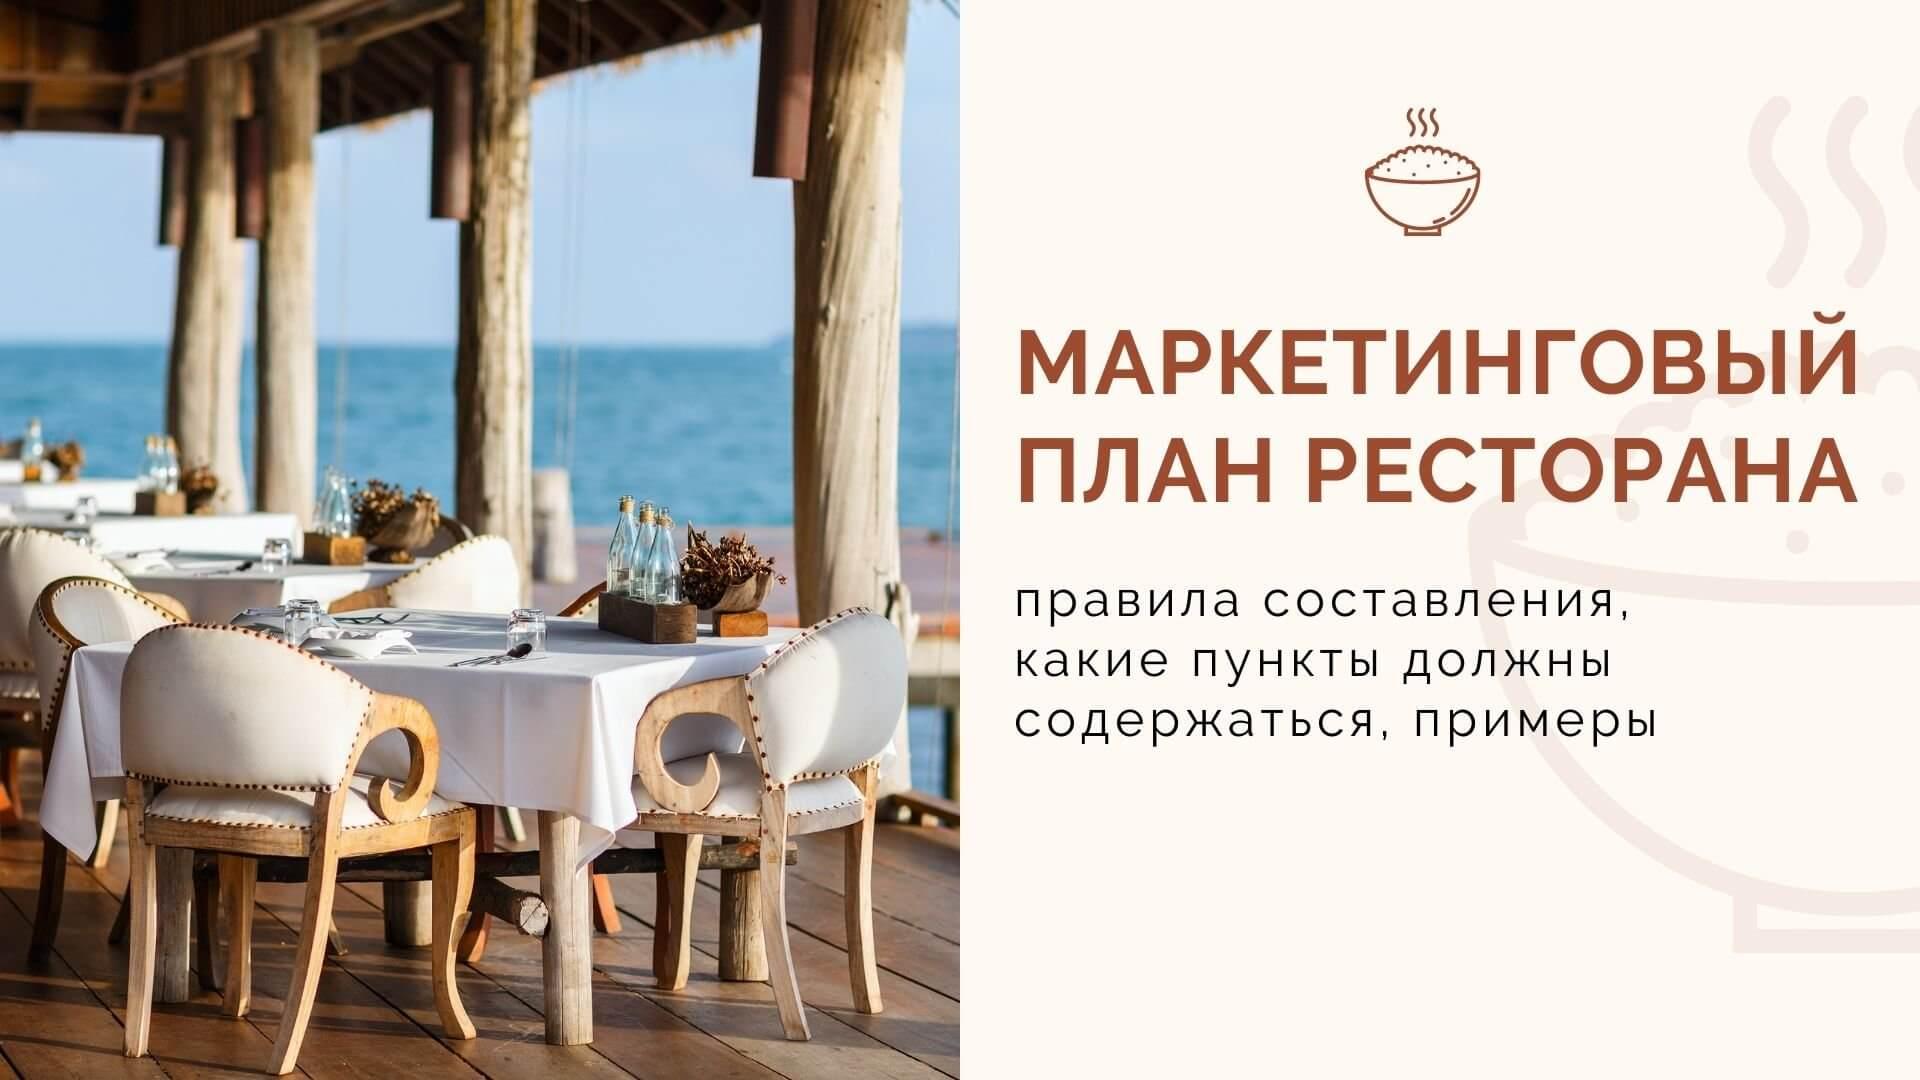 Маркетинговый план ресторана: правила составления, какие пункты должны содержаться, примеры